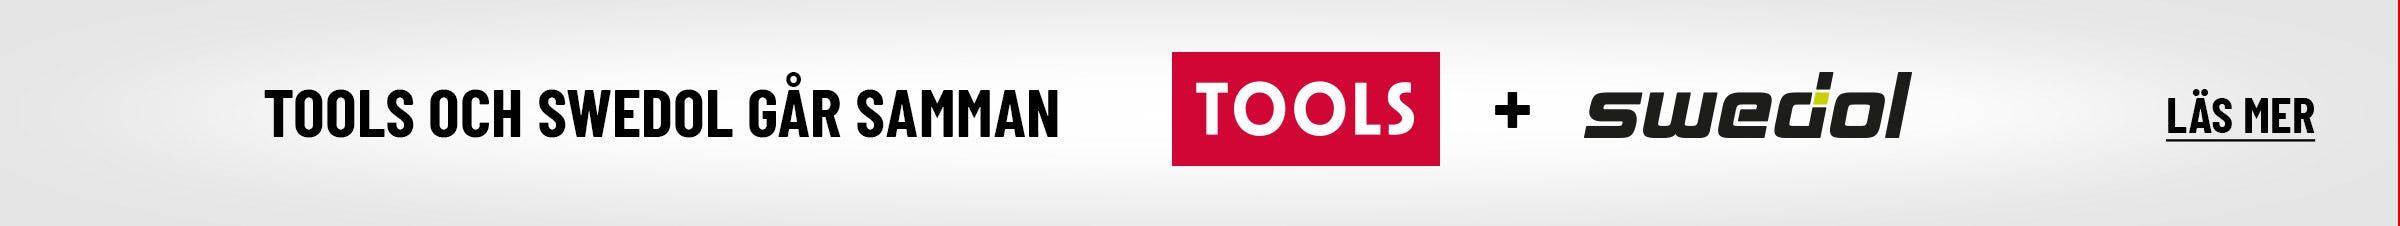 Tools och Swedol går samman